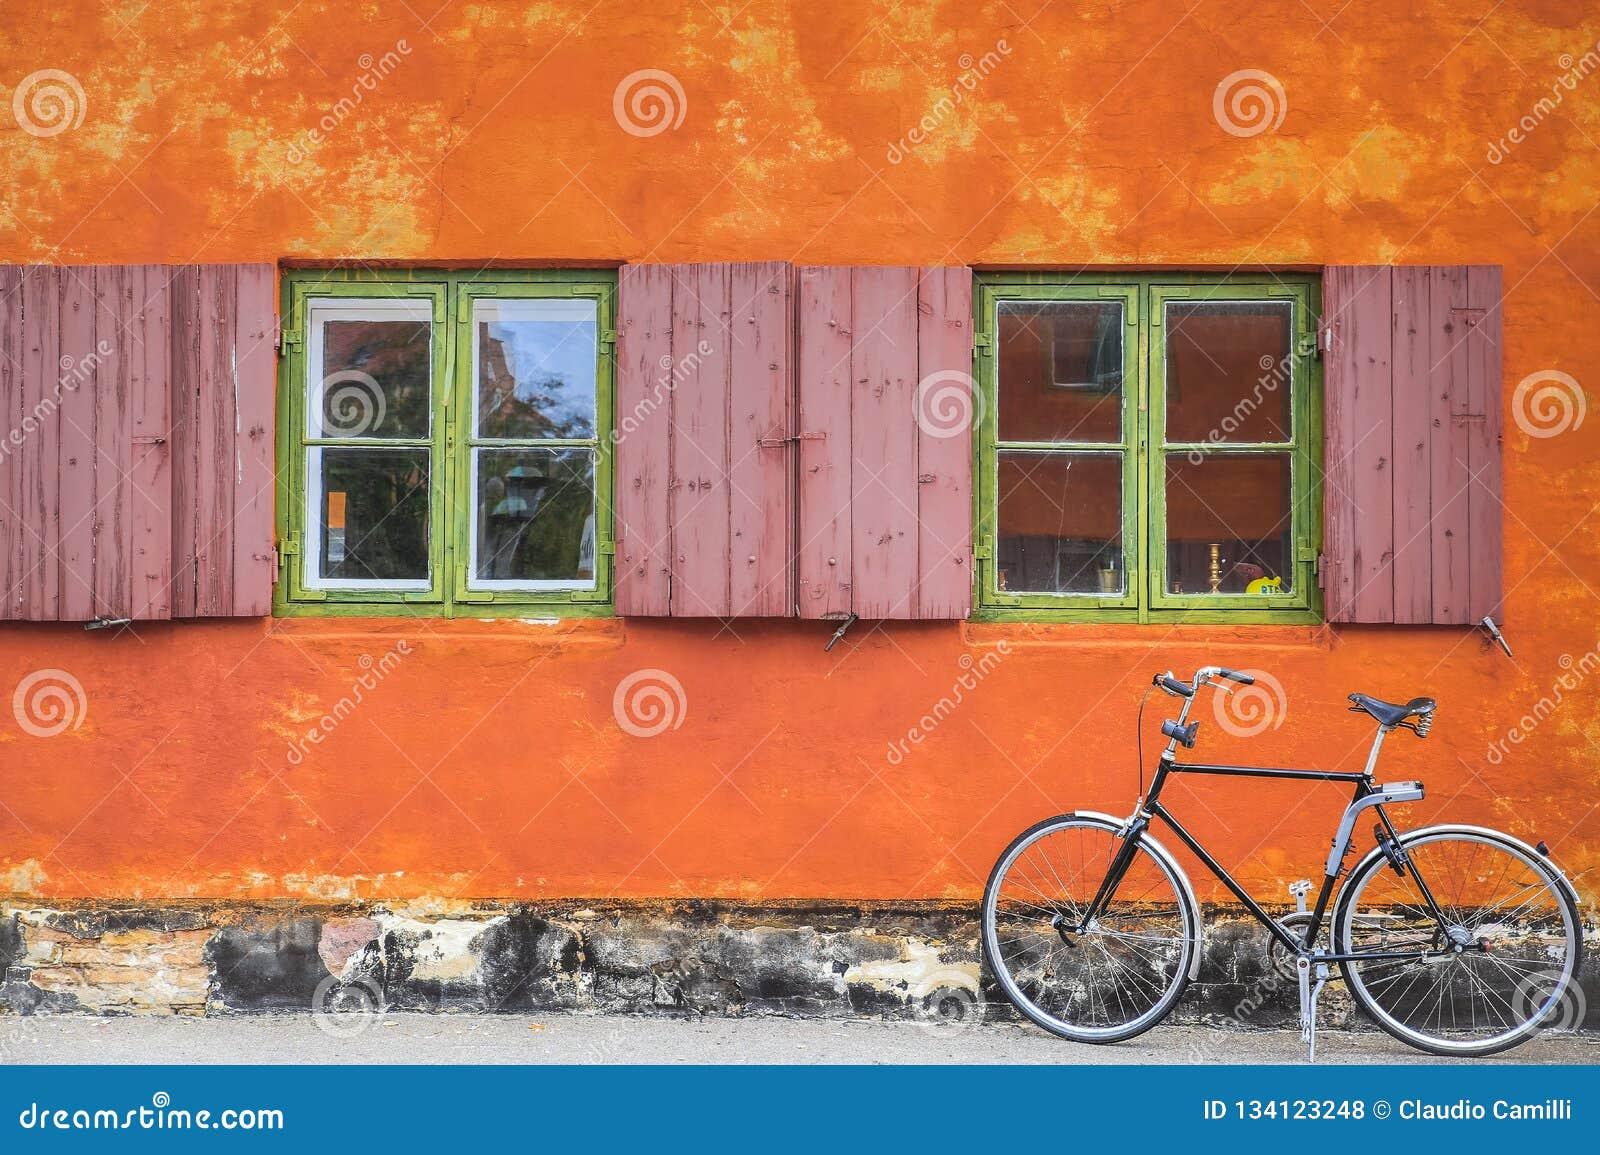 Παράθυρα με τον πορτοκαλή τοίχο και το εκλεκτής ποιότητας ποδήλατο